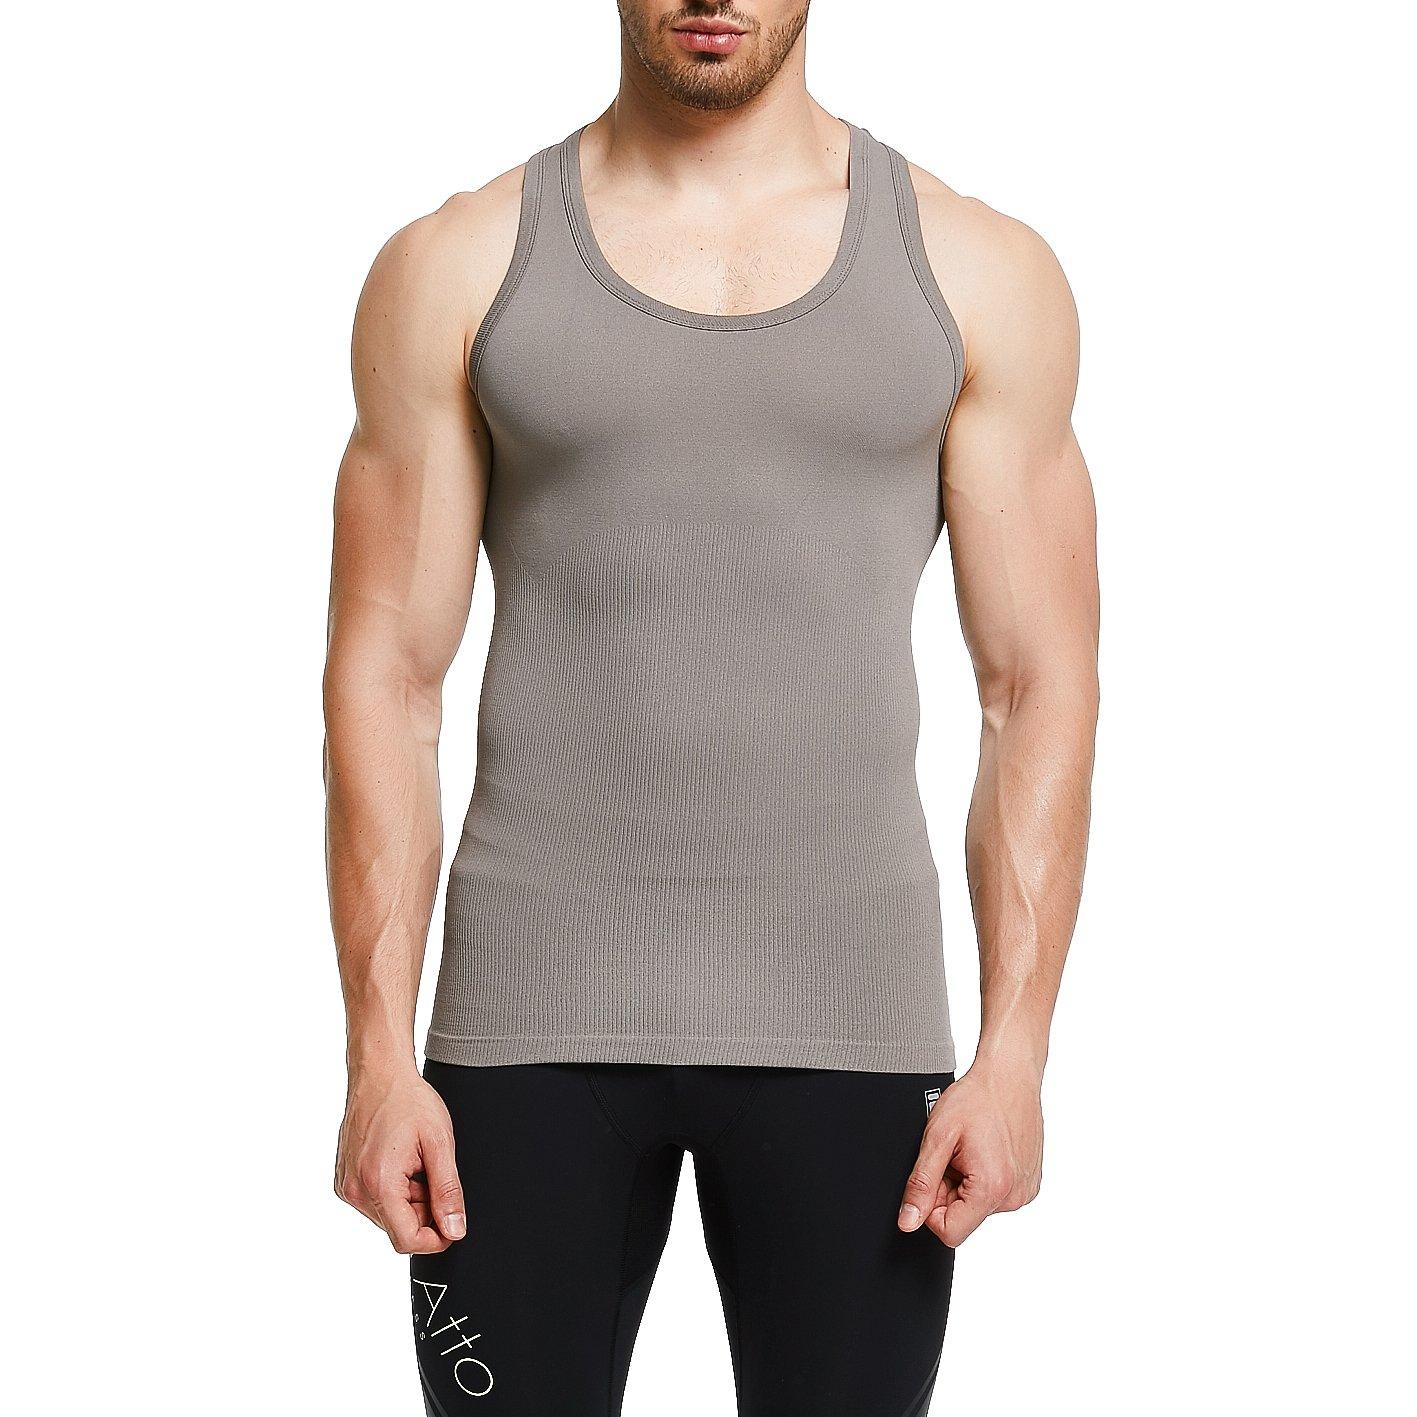 Mens Slimming Shirt Body Shaper Vest Abs Abdomen Slim gkvk gkvk-gg369